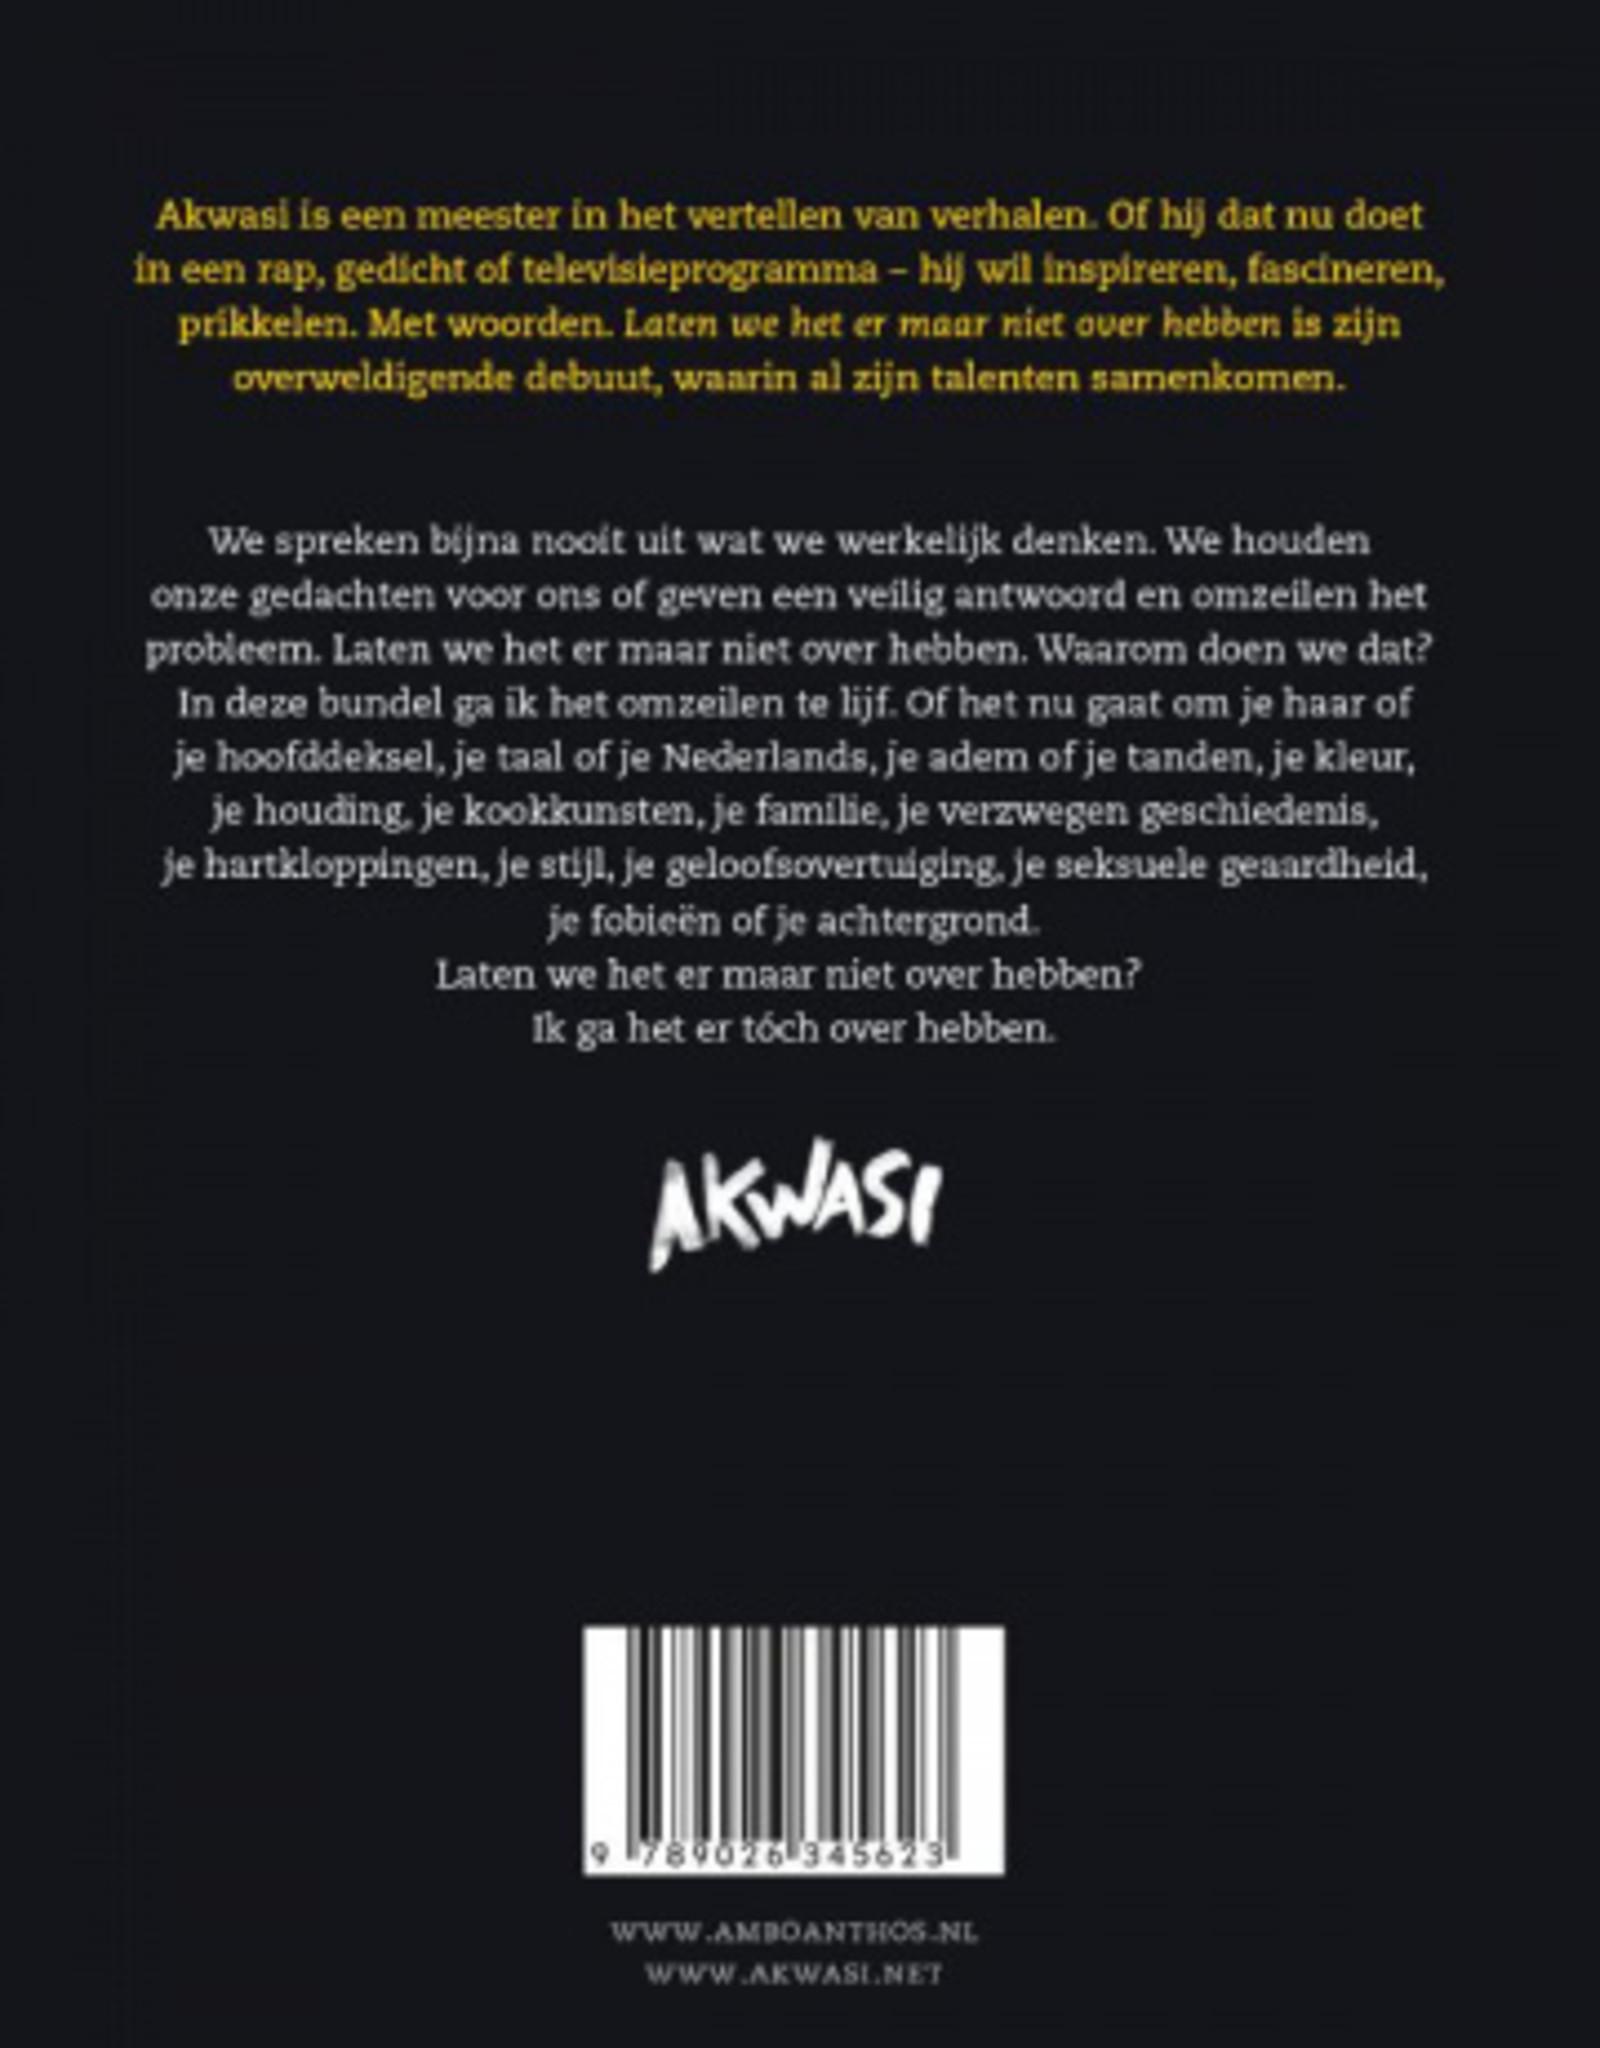 Anthos Akwasi-Laten we het er maar niet over hebben